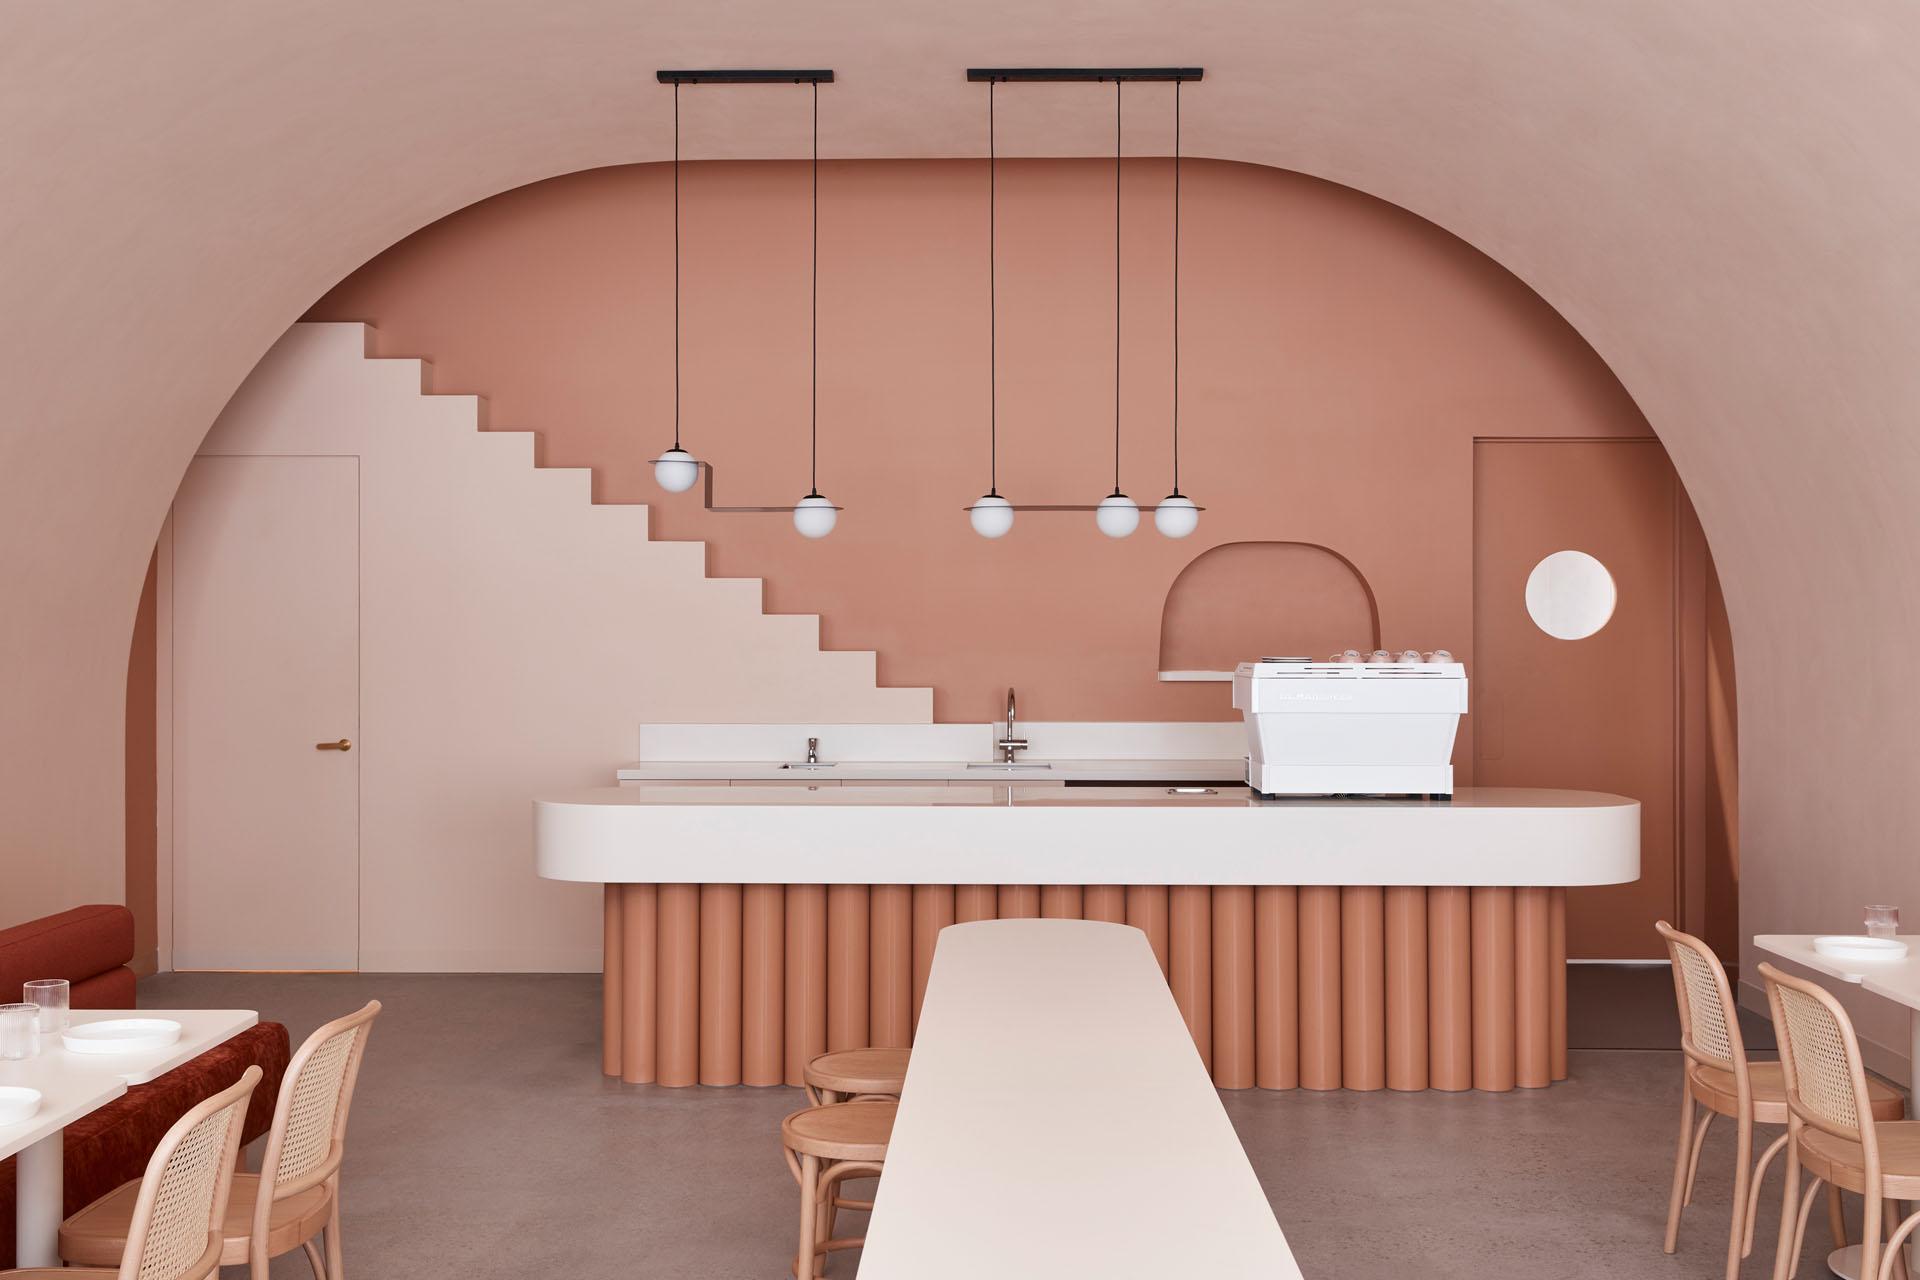 Zavirite u kavanu čiji je interijer inspiriran estetikom jednog od najpoznatijih filmova Wesa Andersona